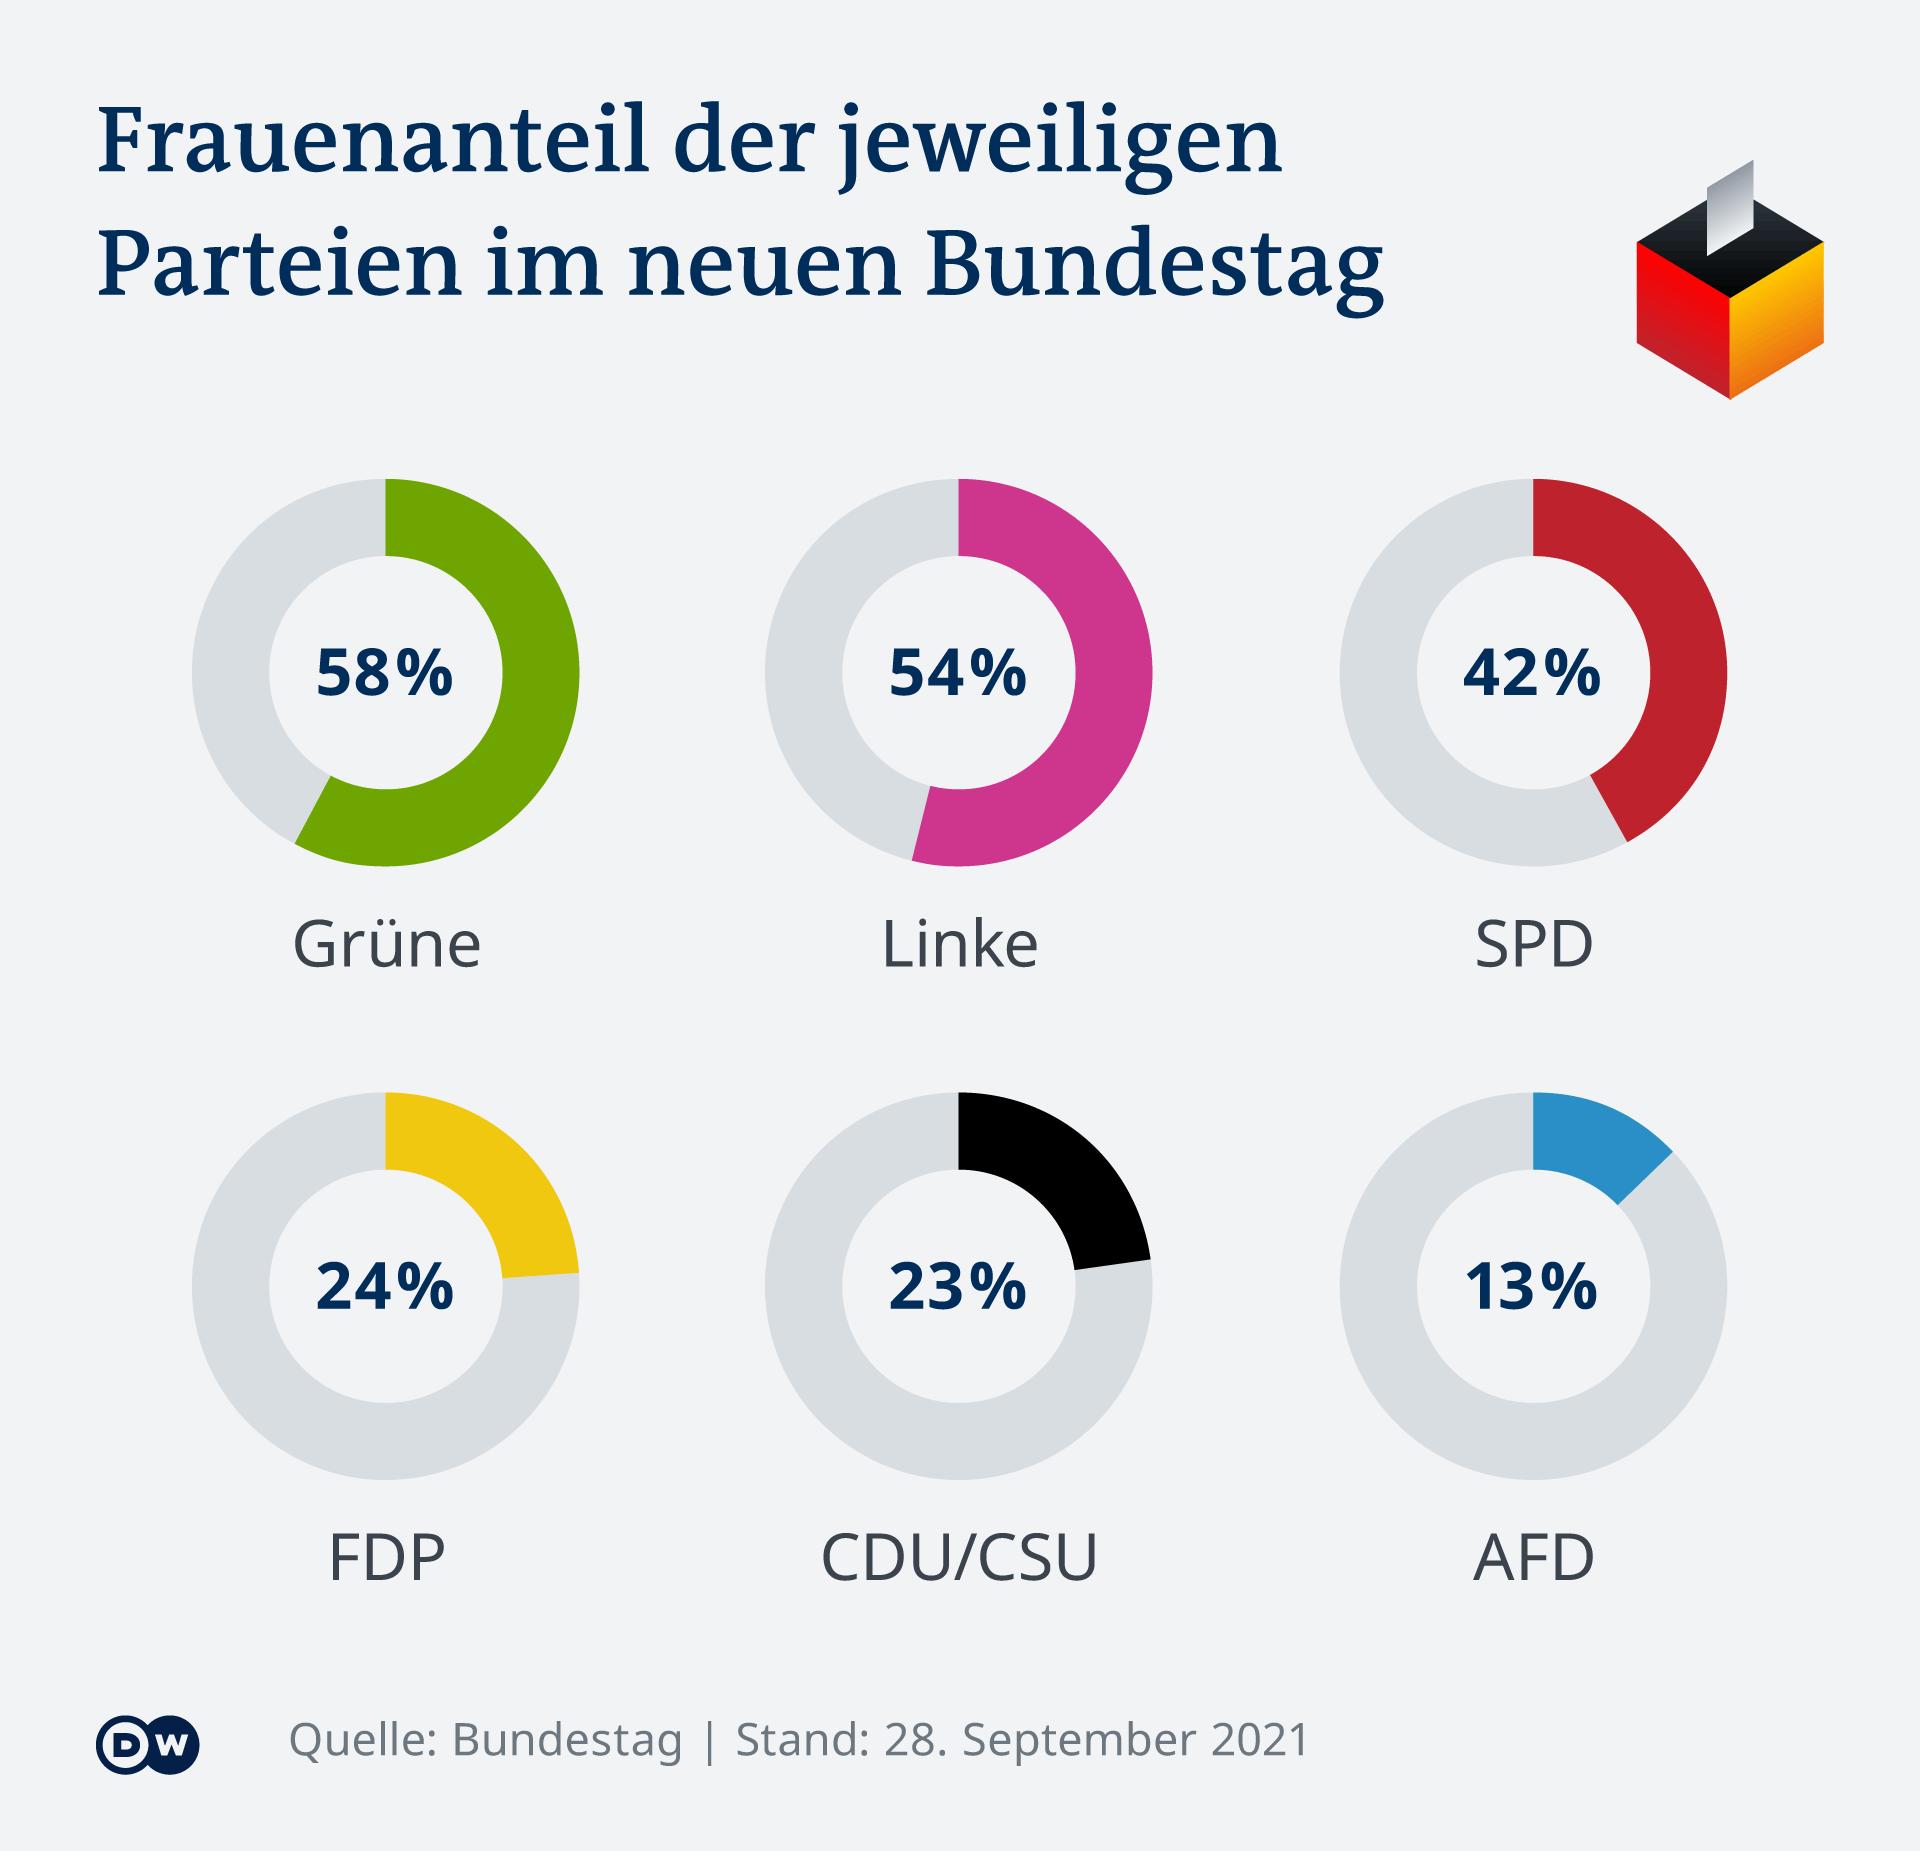 Infografik Anteil Frauen im Bundestag nach Partei DE